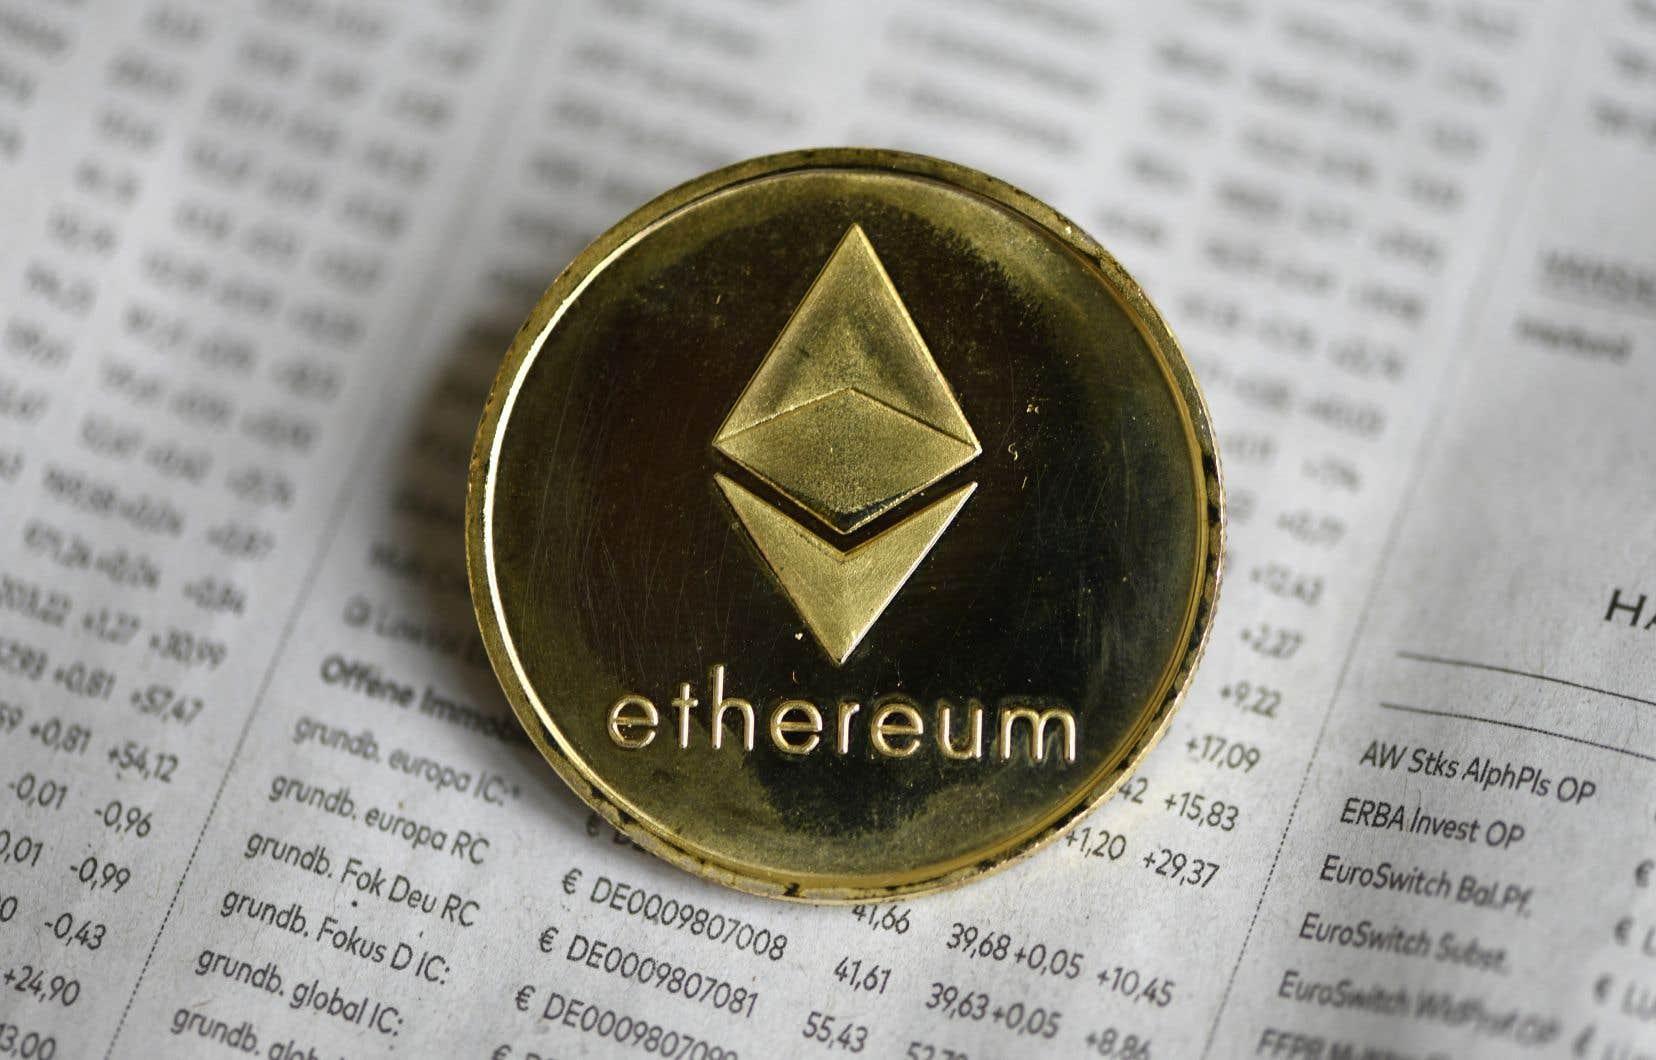 Depuis le début de l'année, l'ether a gagné plus de 450%, comparativement à une hausse d'environ 100% pour le bitcoin sur la même période.